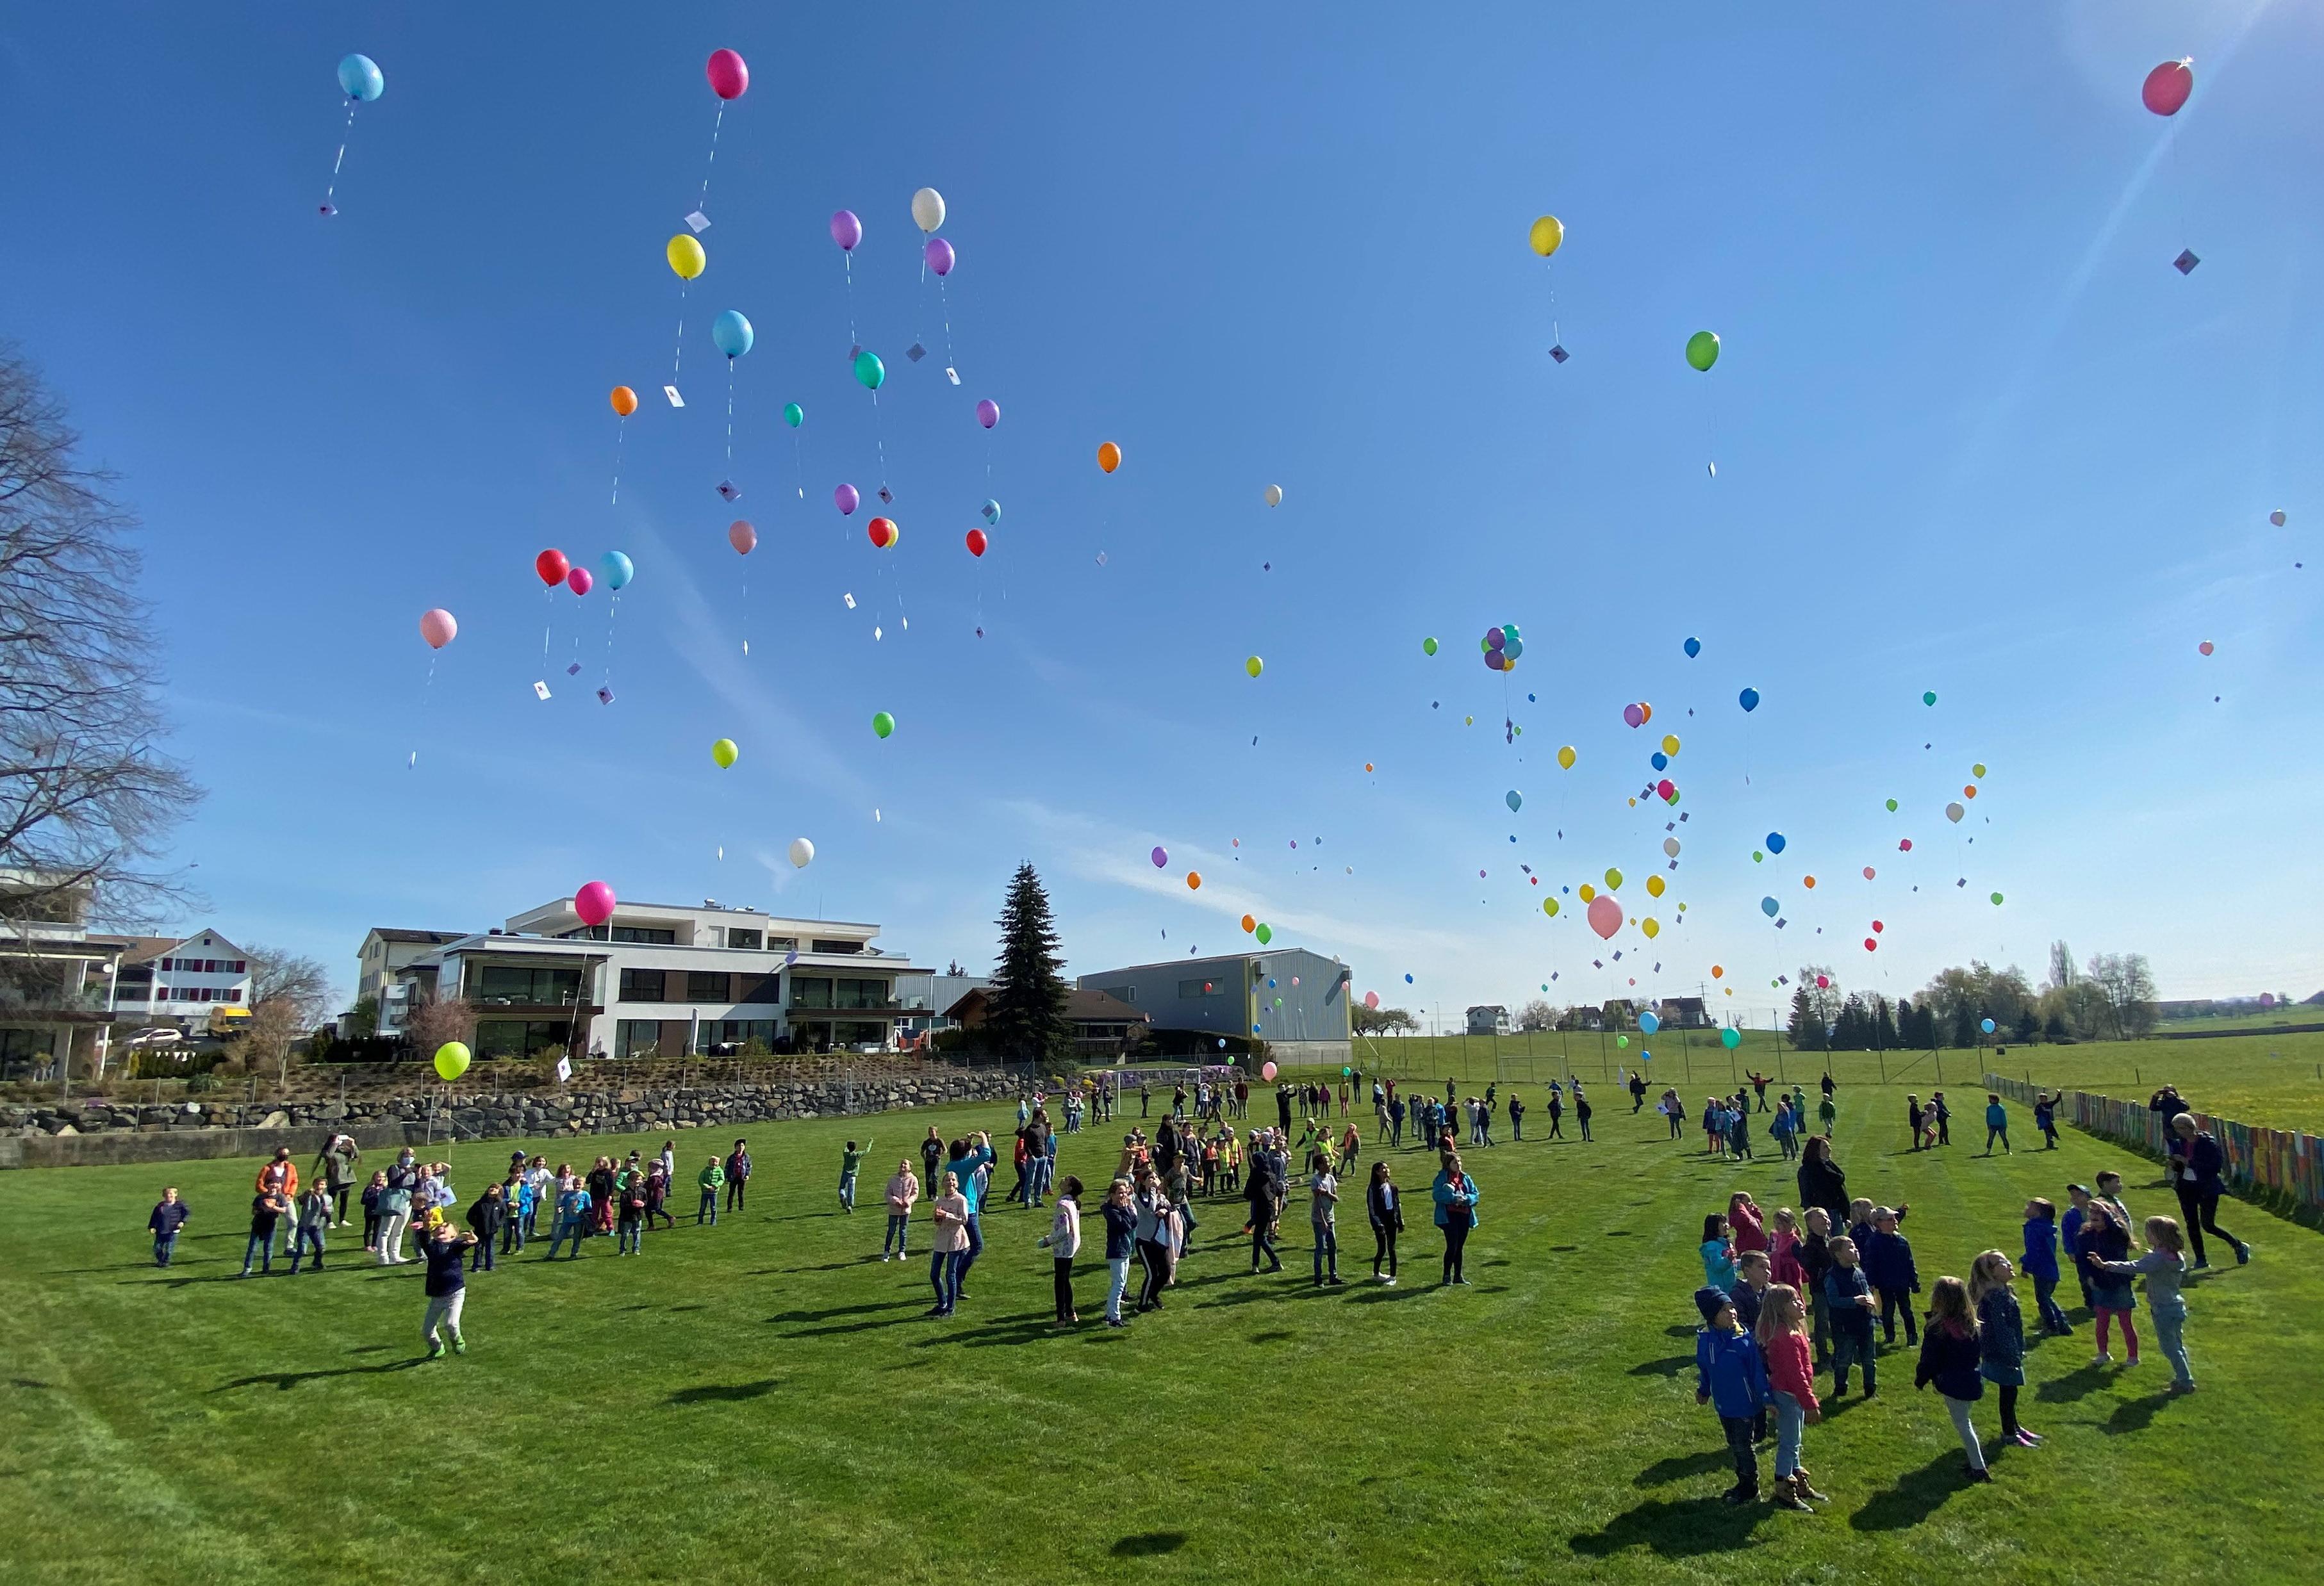 weitere Ballone